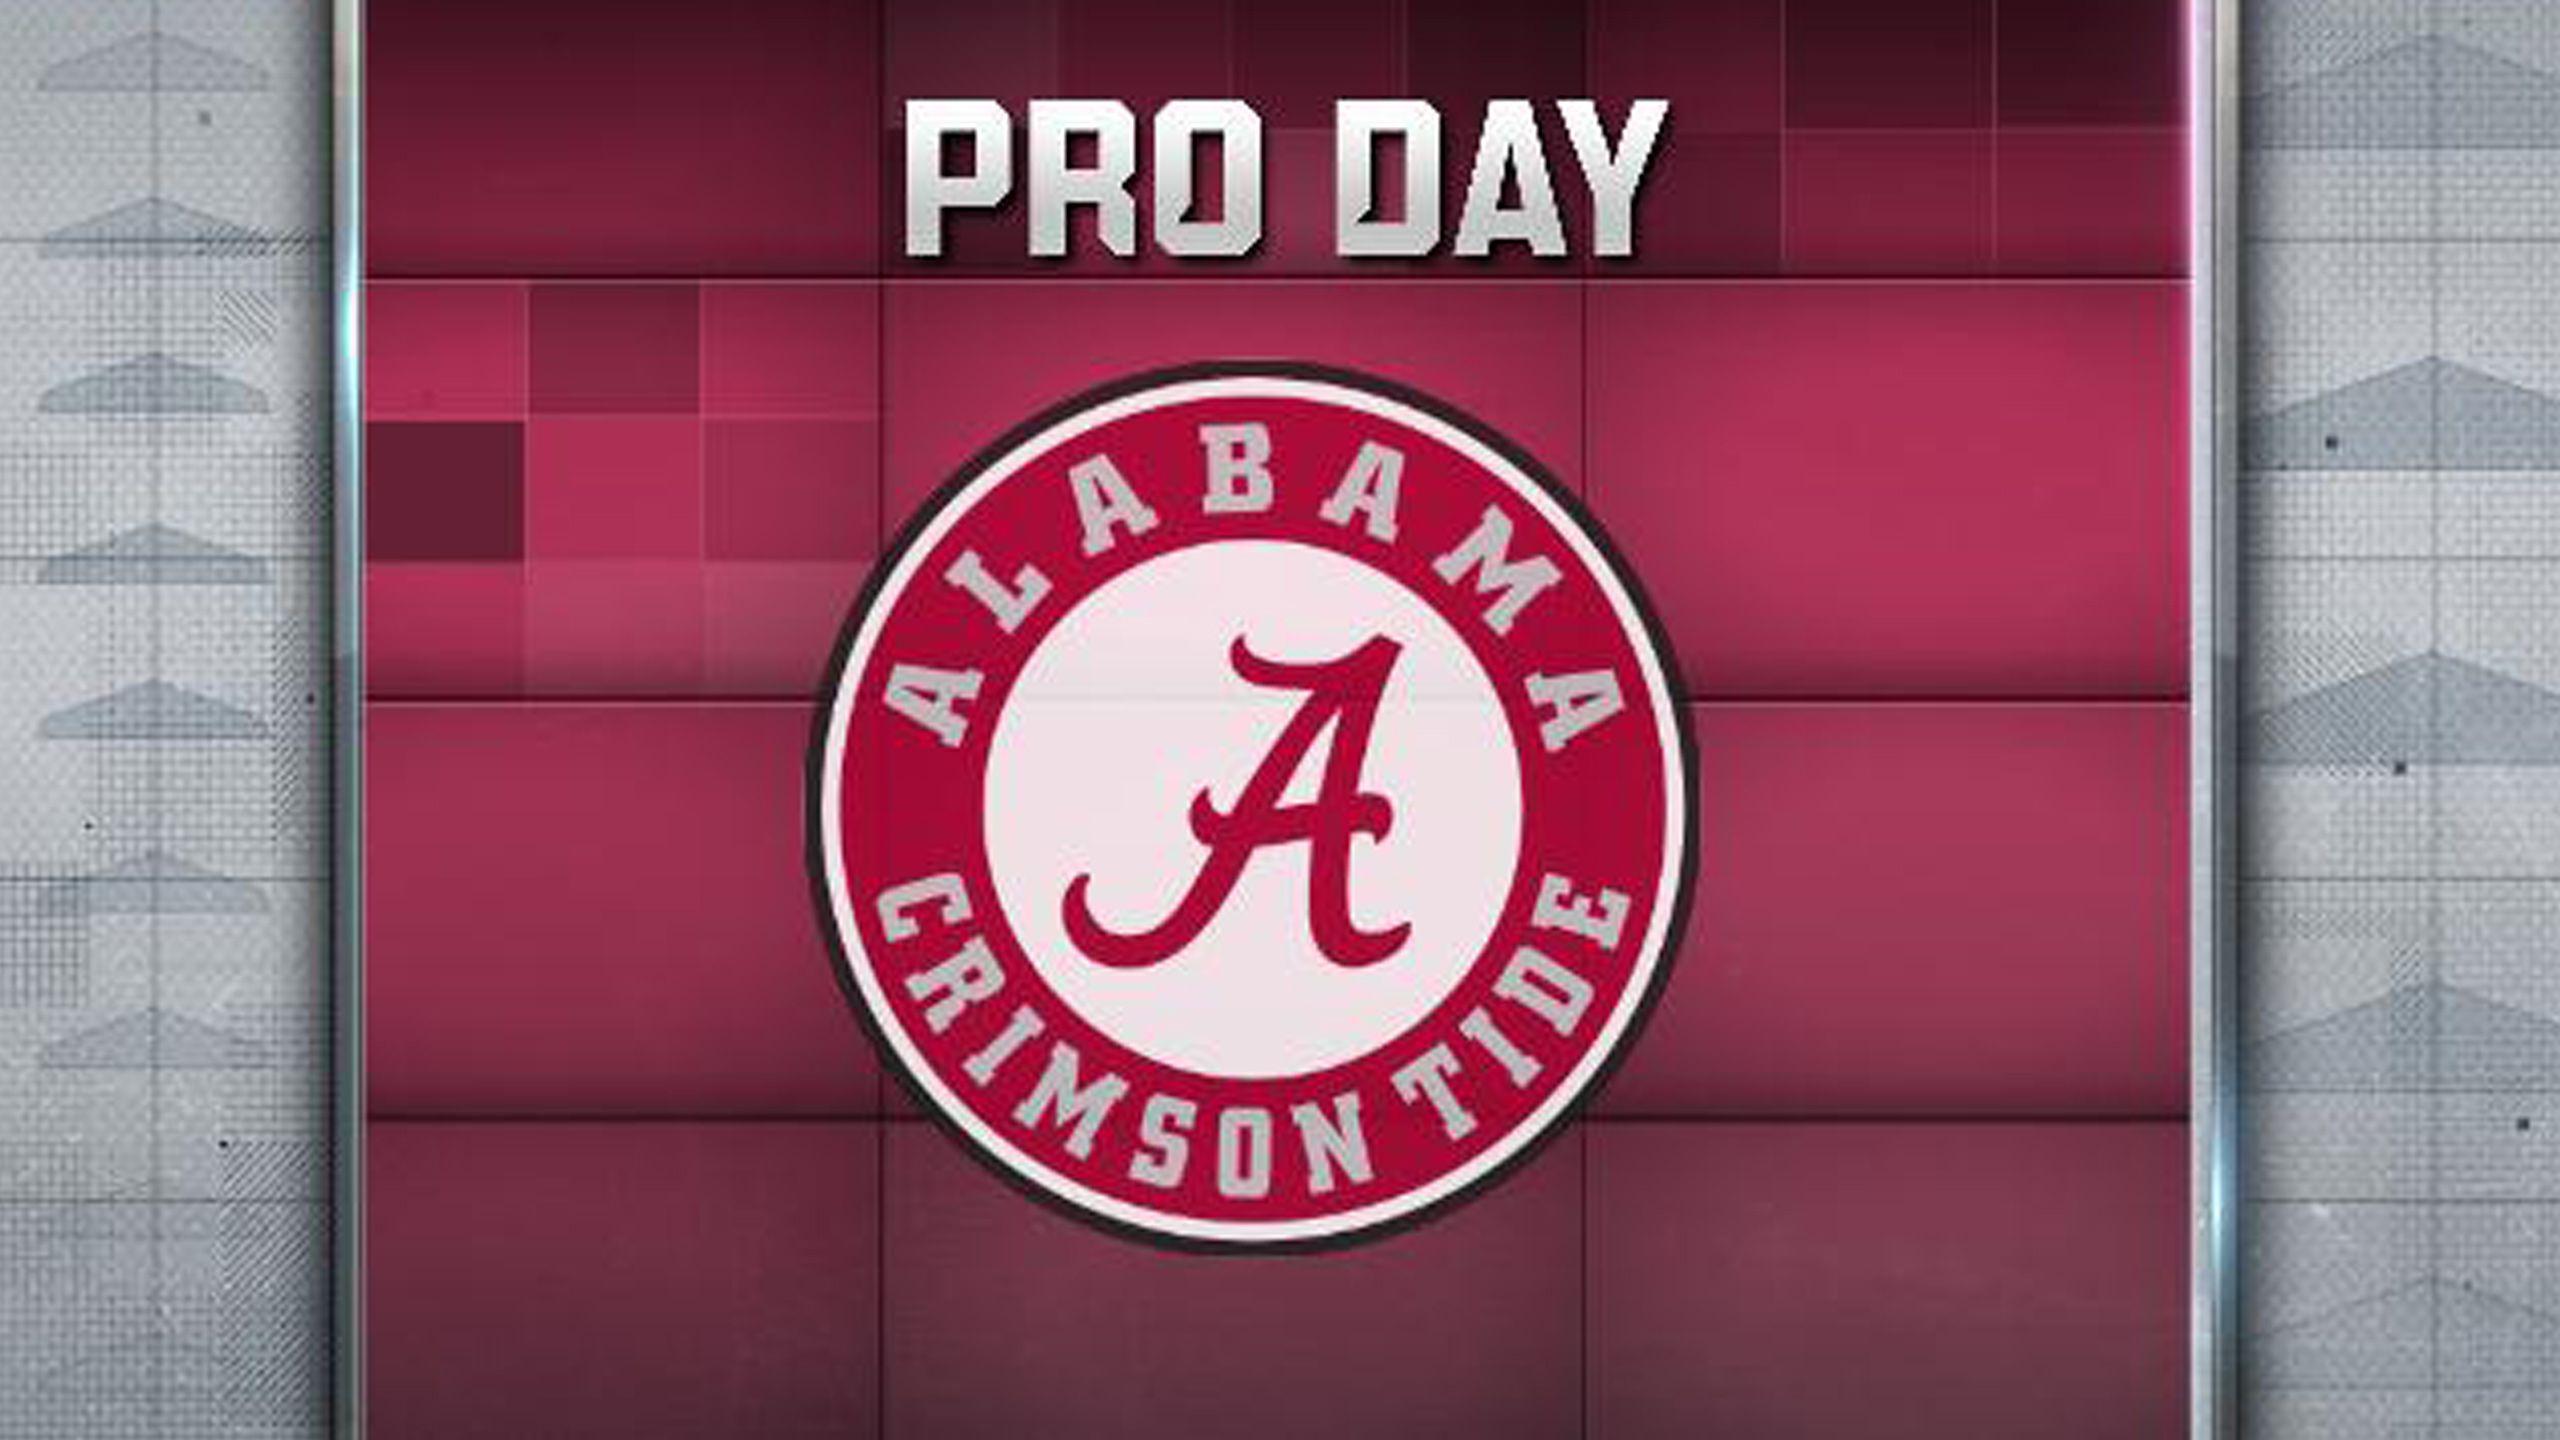 Alabama Pro Day